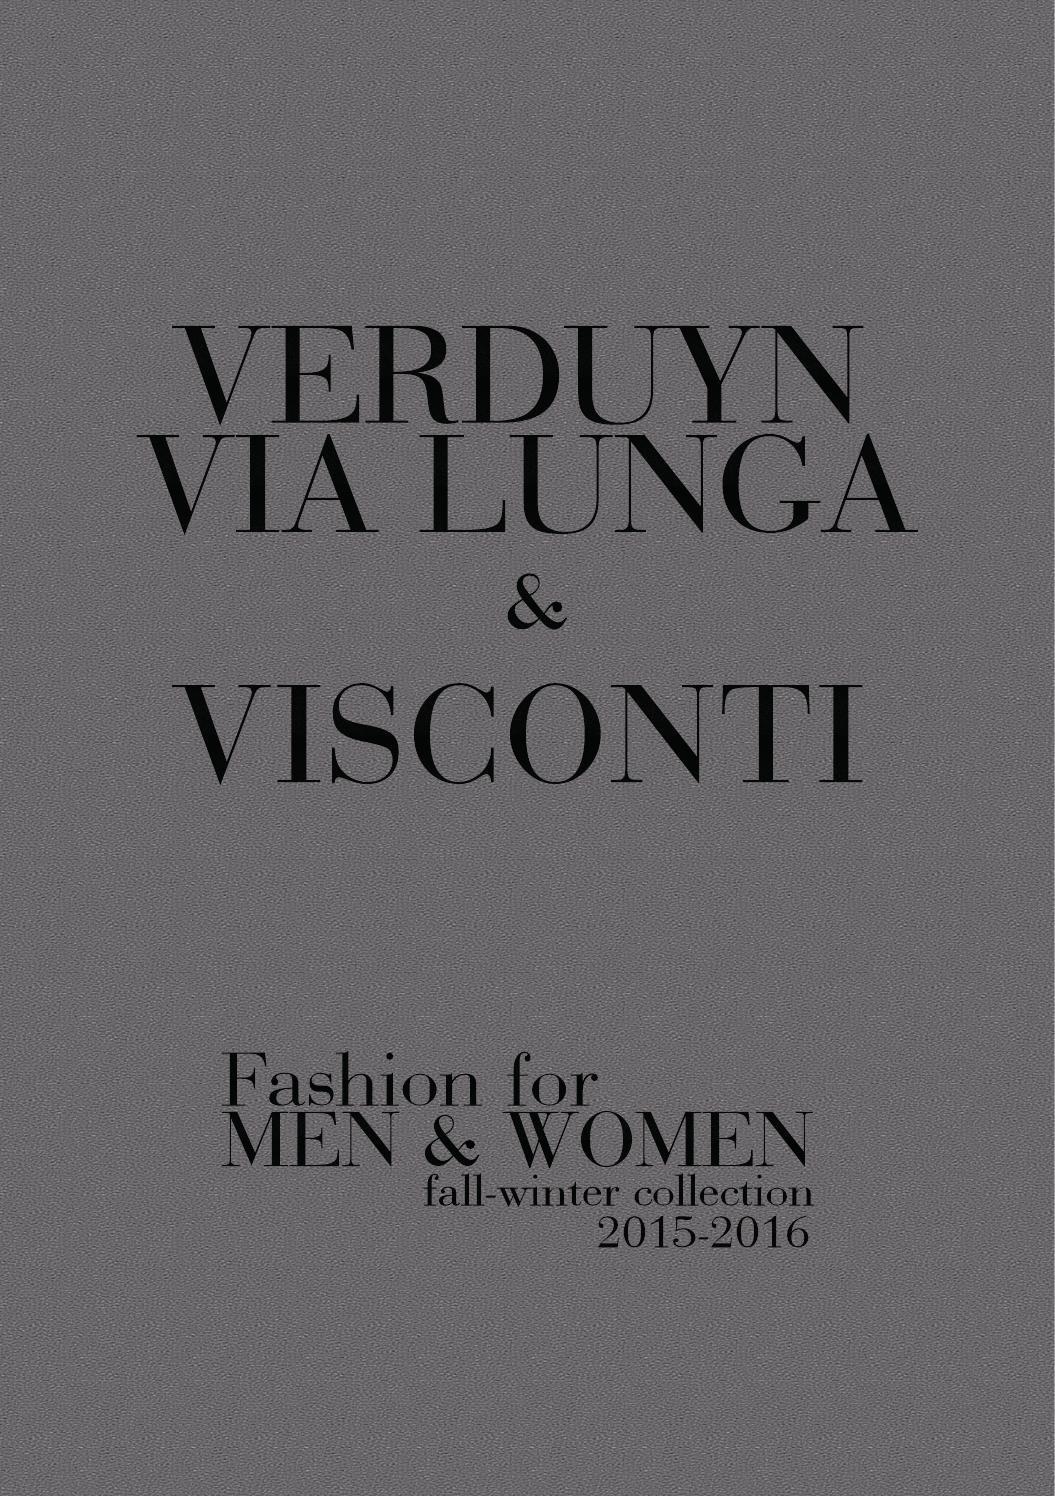 Visconti&verduyn fall winter 2015 2016 by Schoenen Verduyn